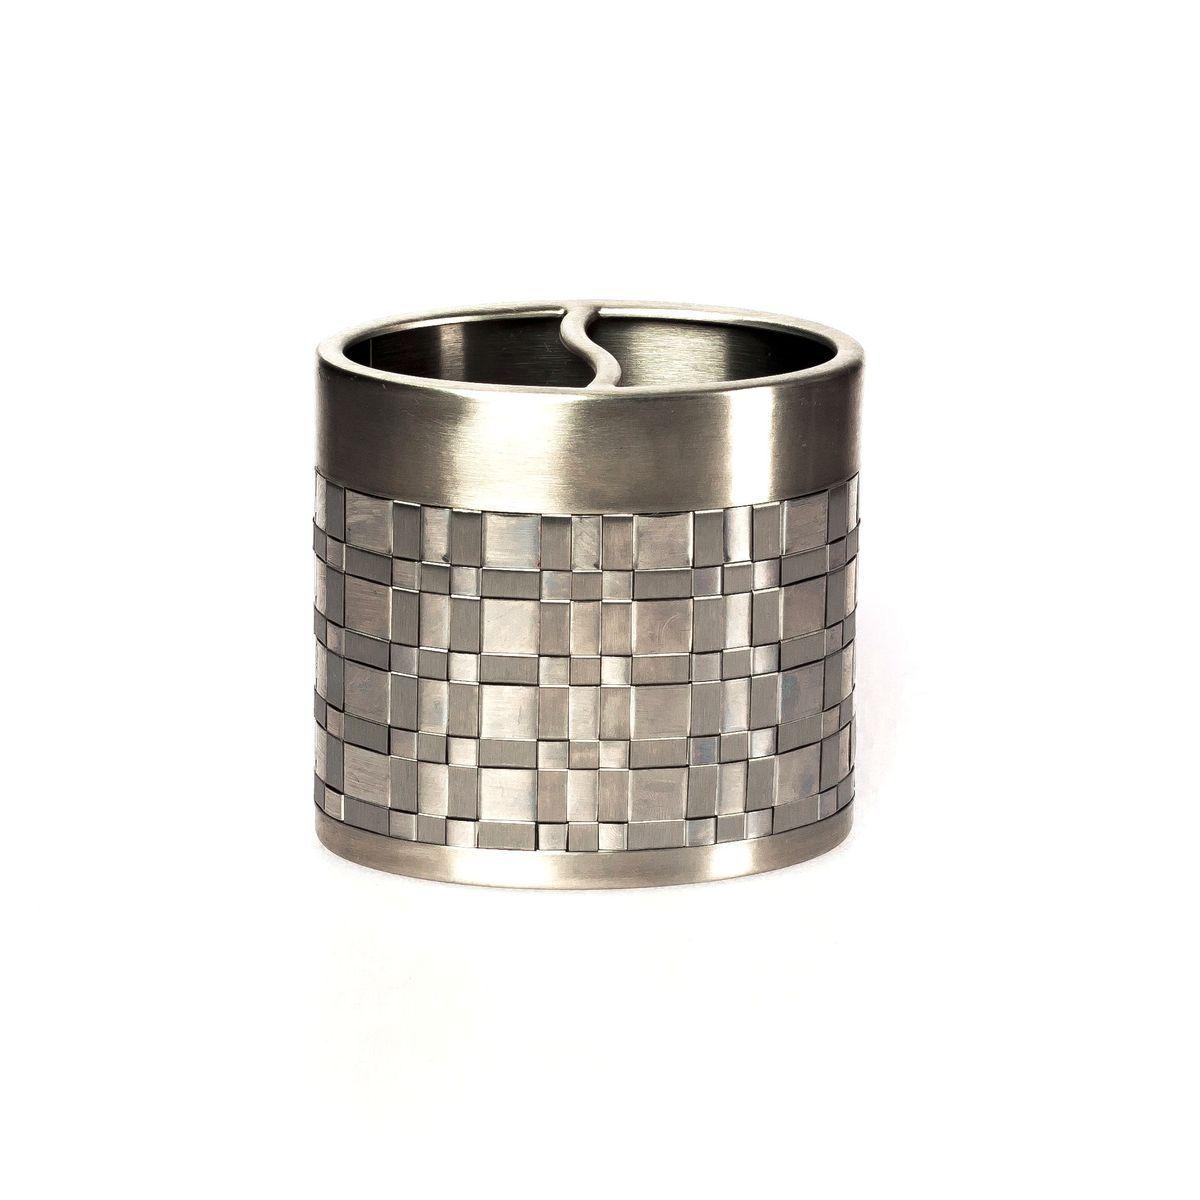 Стаканы для щеток Стакан для зубных щёток Basketweave Silver от Avanti stakan-dlya-zubnyh-schyotok-basketweave-silver-ot-avanti-ssha-kitay.jpg